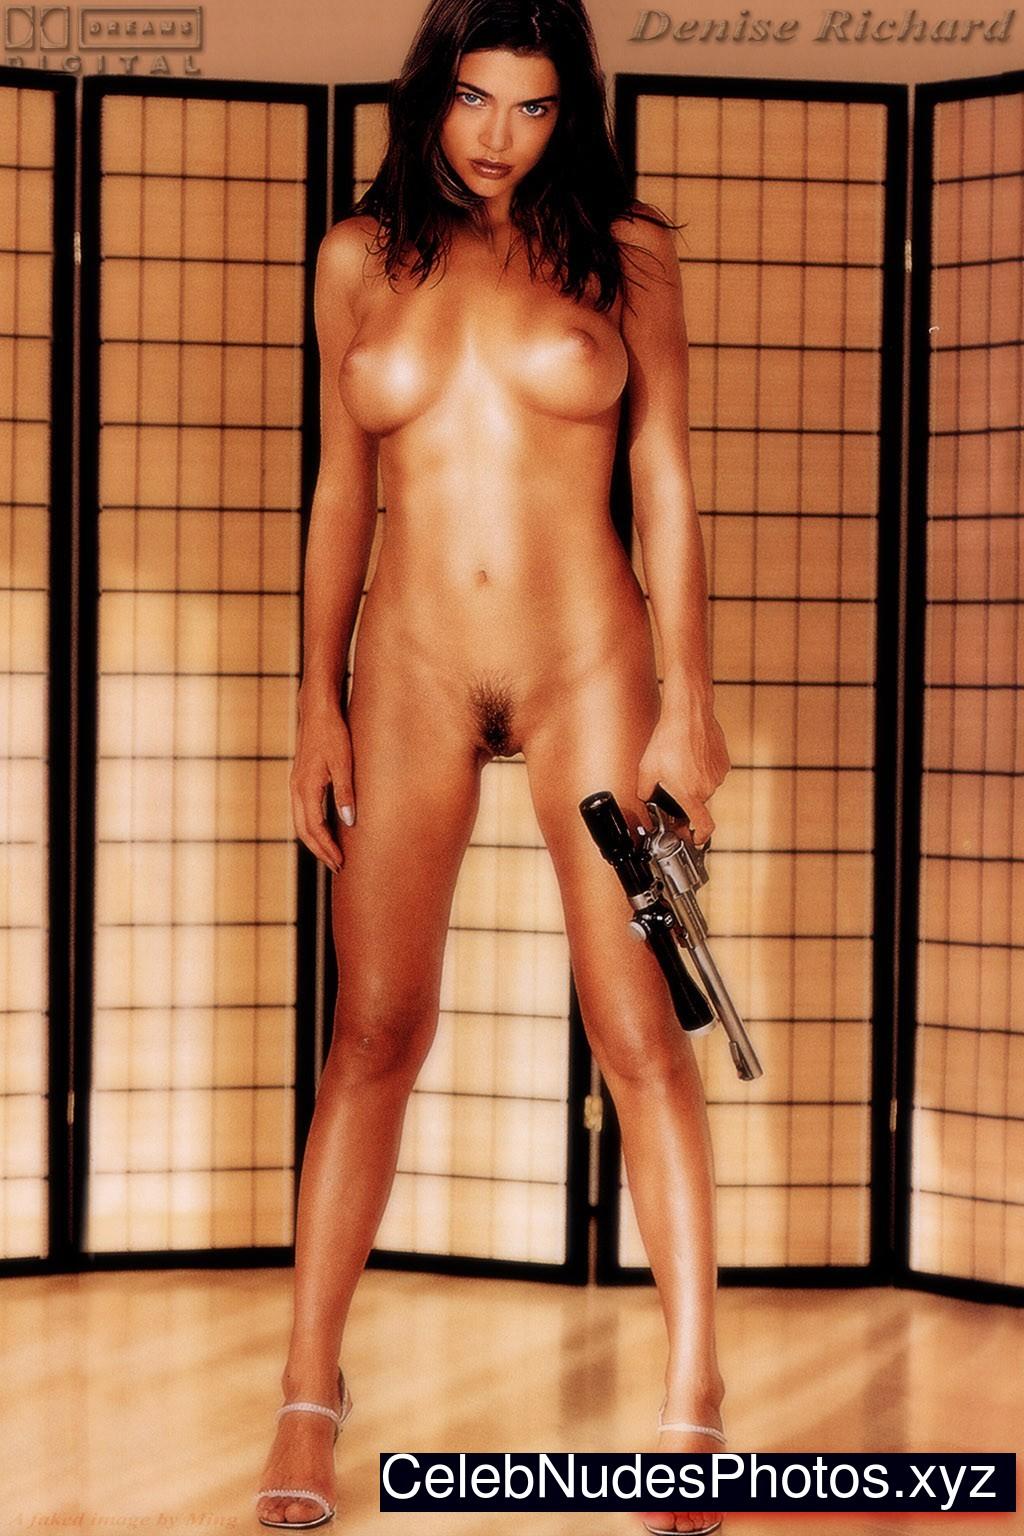 Denise Richards Free Nude Celeb sexy 21